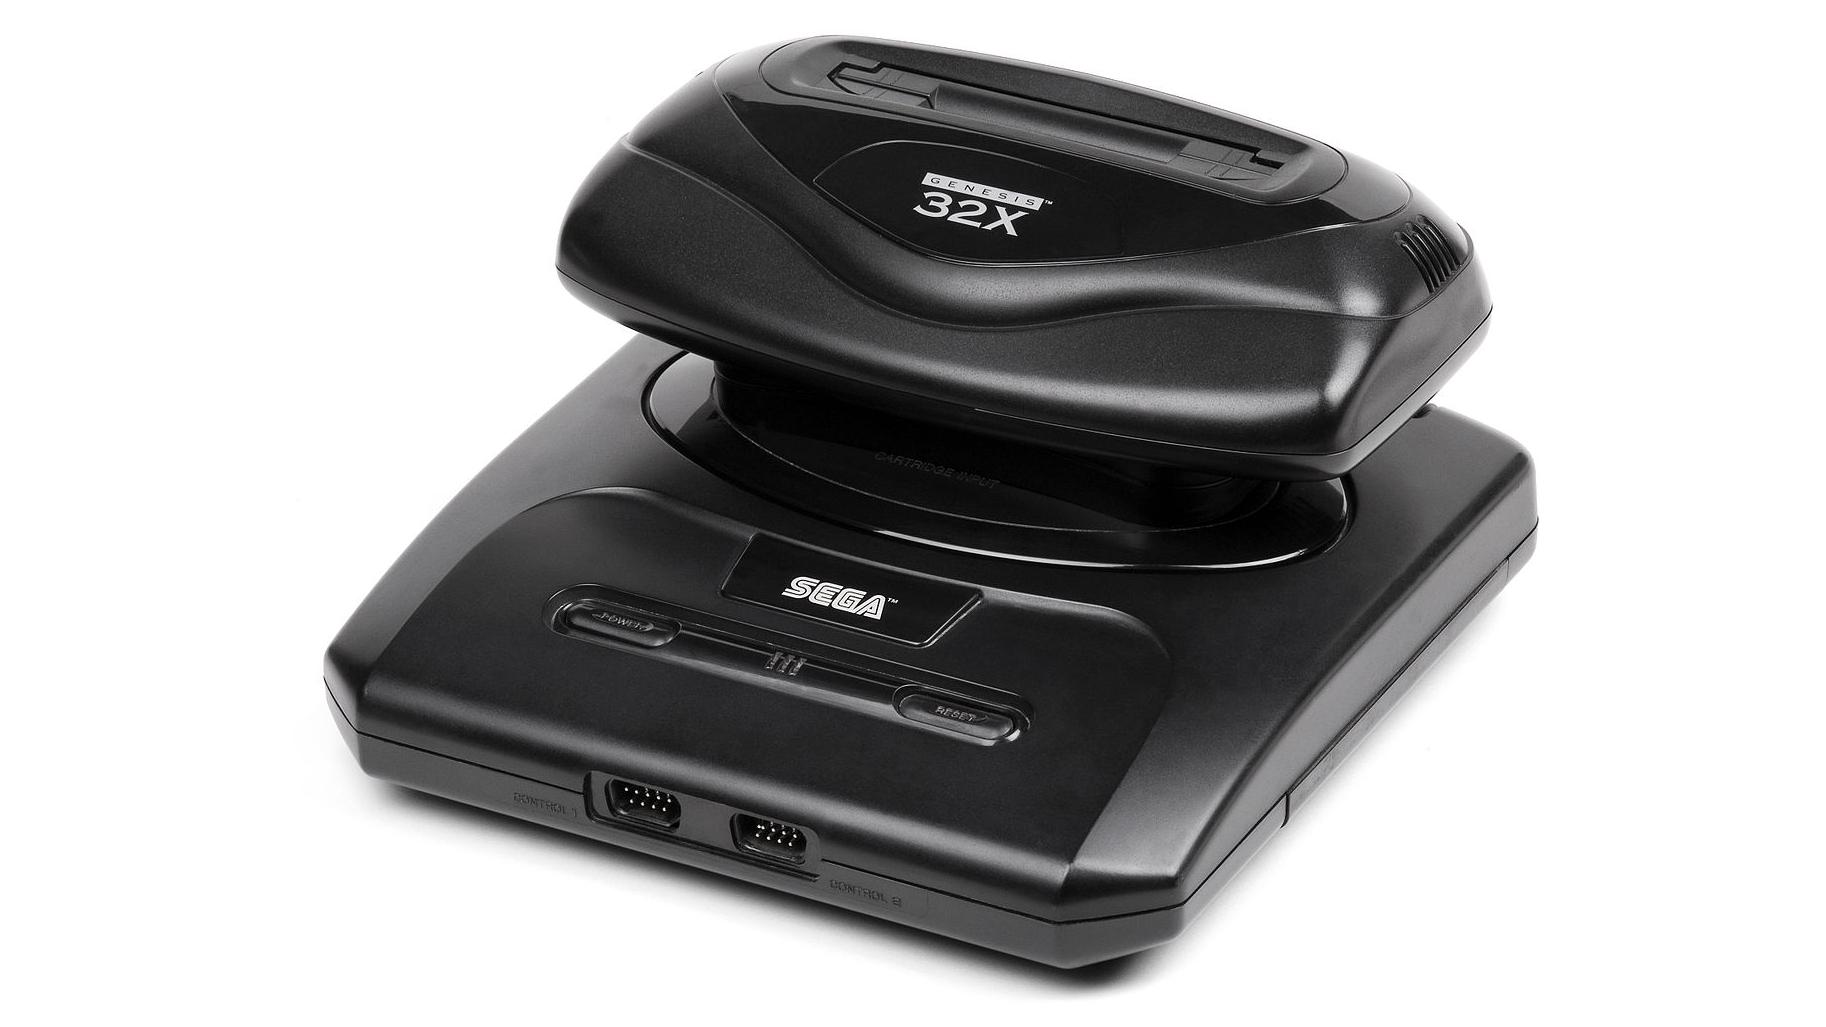 Sega Mega Drive/Genesis celebrating console 6fC5JHDHJM8fTq5fQjyY